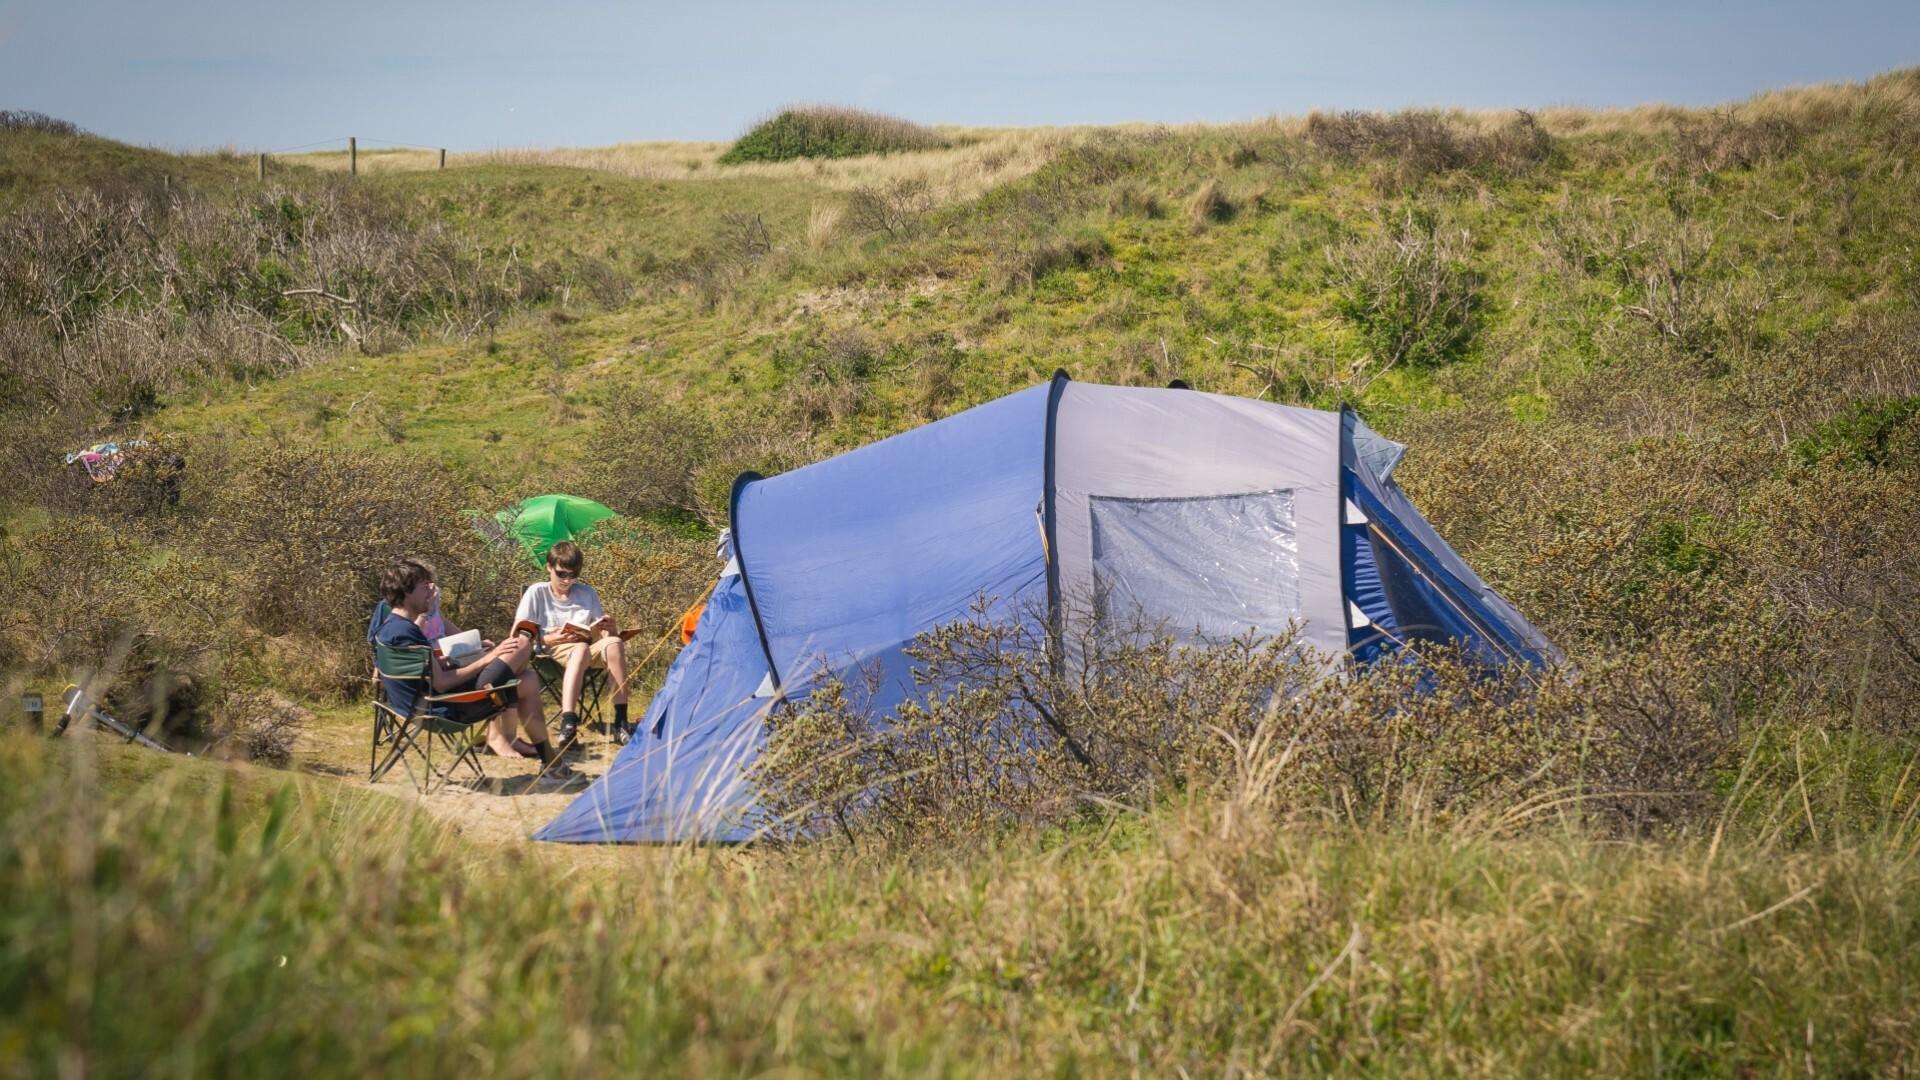 Kampeerplaats in de duinen van De Koog Camping Kogerstrand VVV Texel